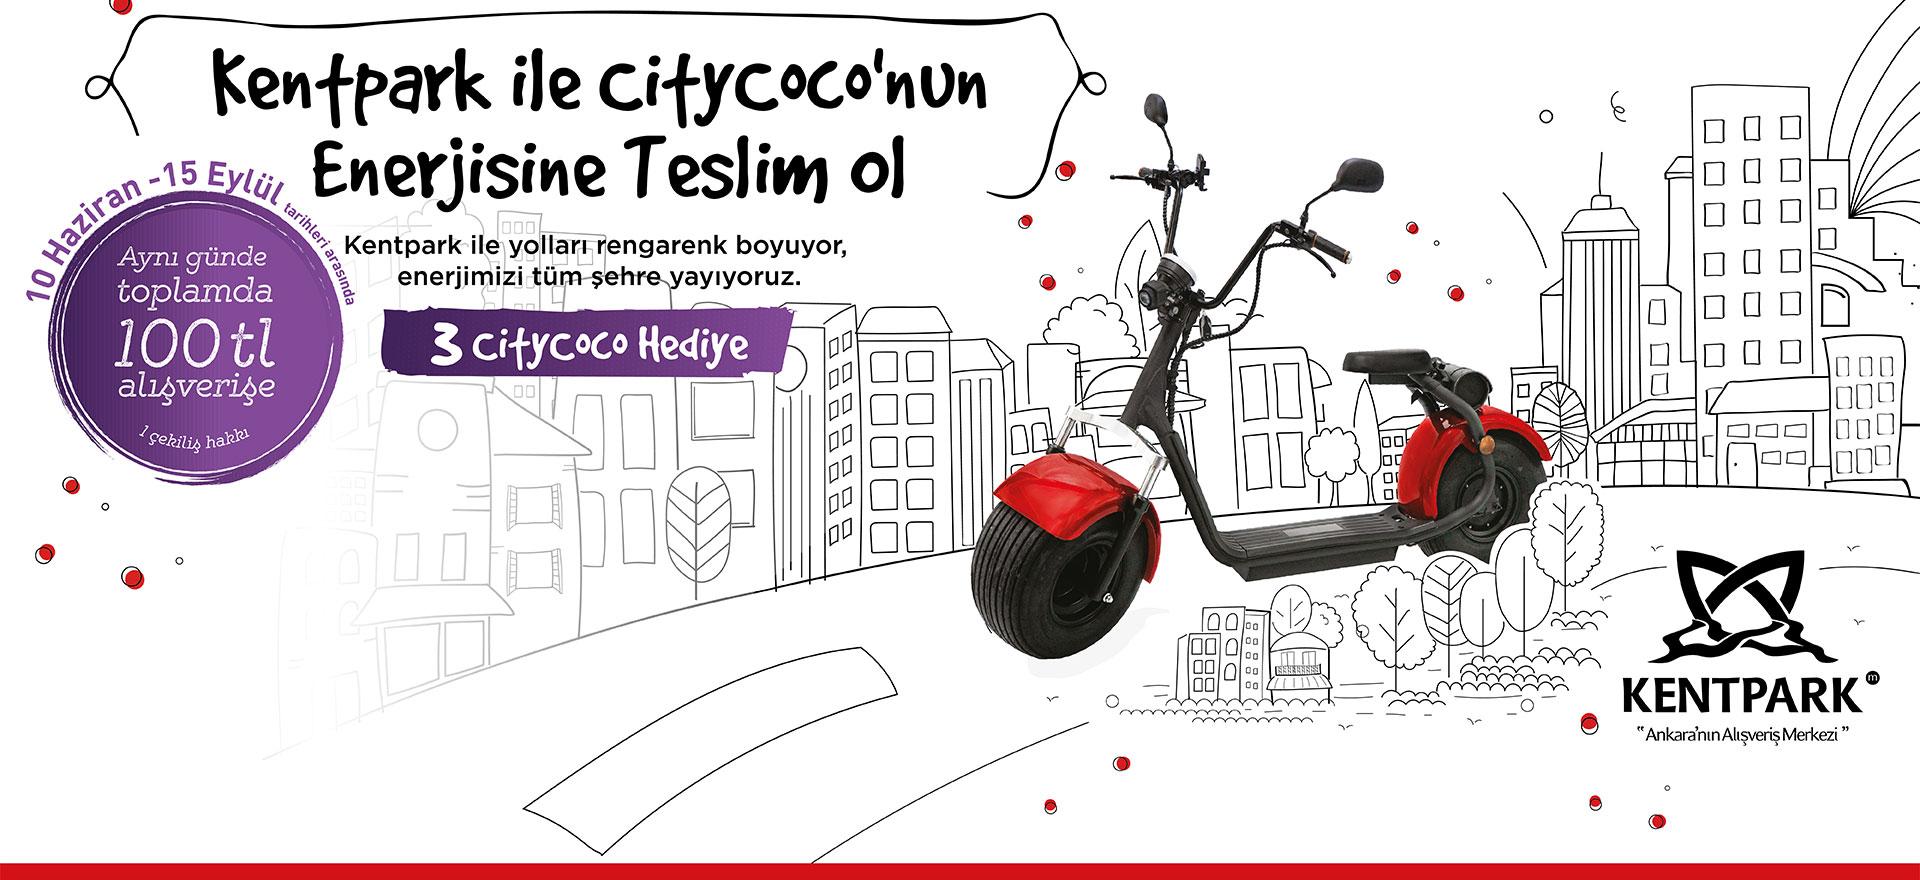 Kentpark ile Citycoco Enerjisine Teslim Ol Çekiliş Kampanyası!